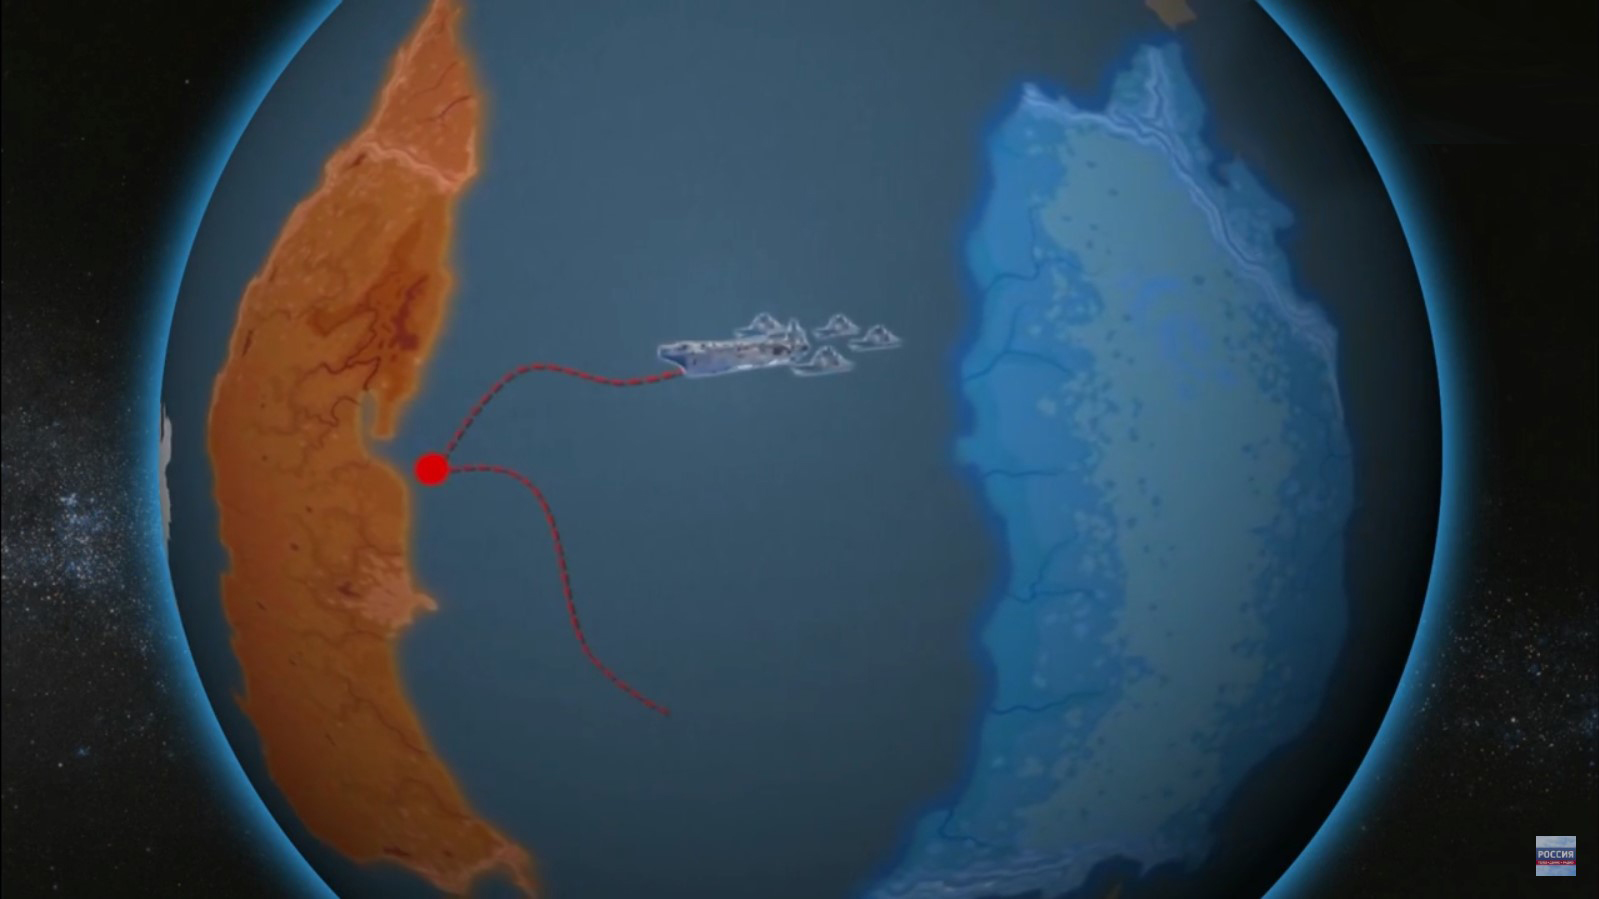 poslanie-25-podvodnoe-2